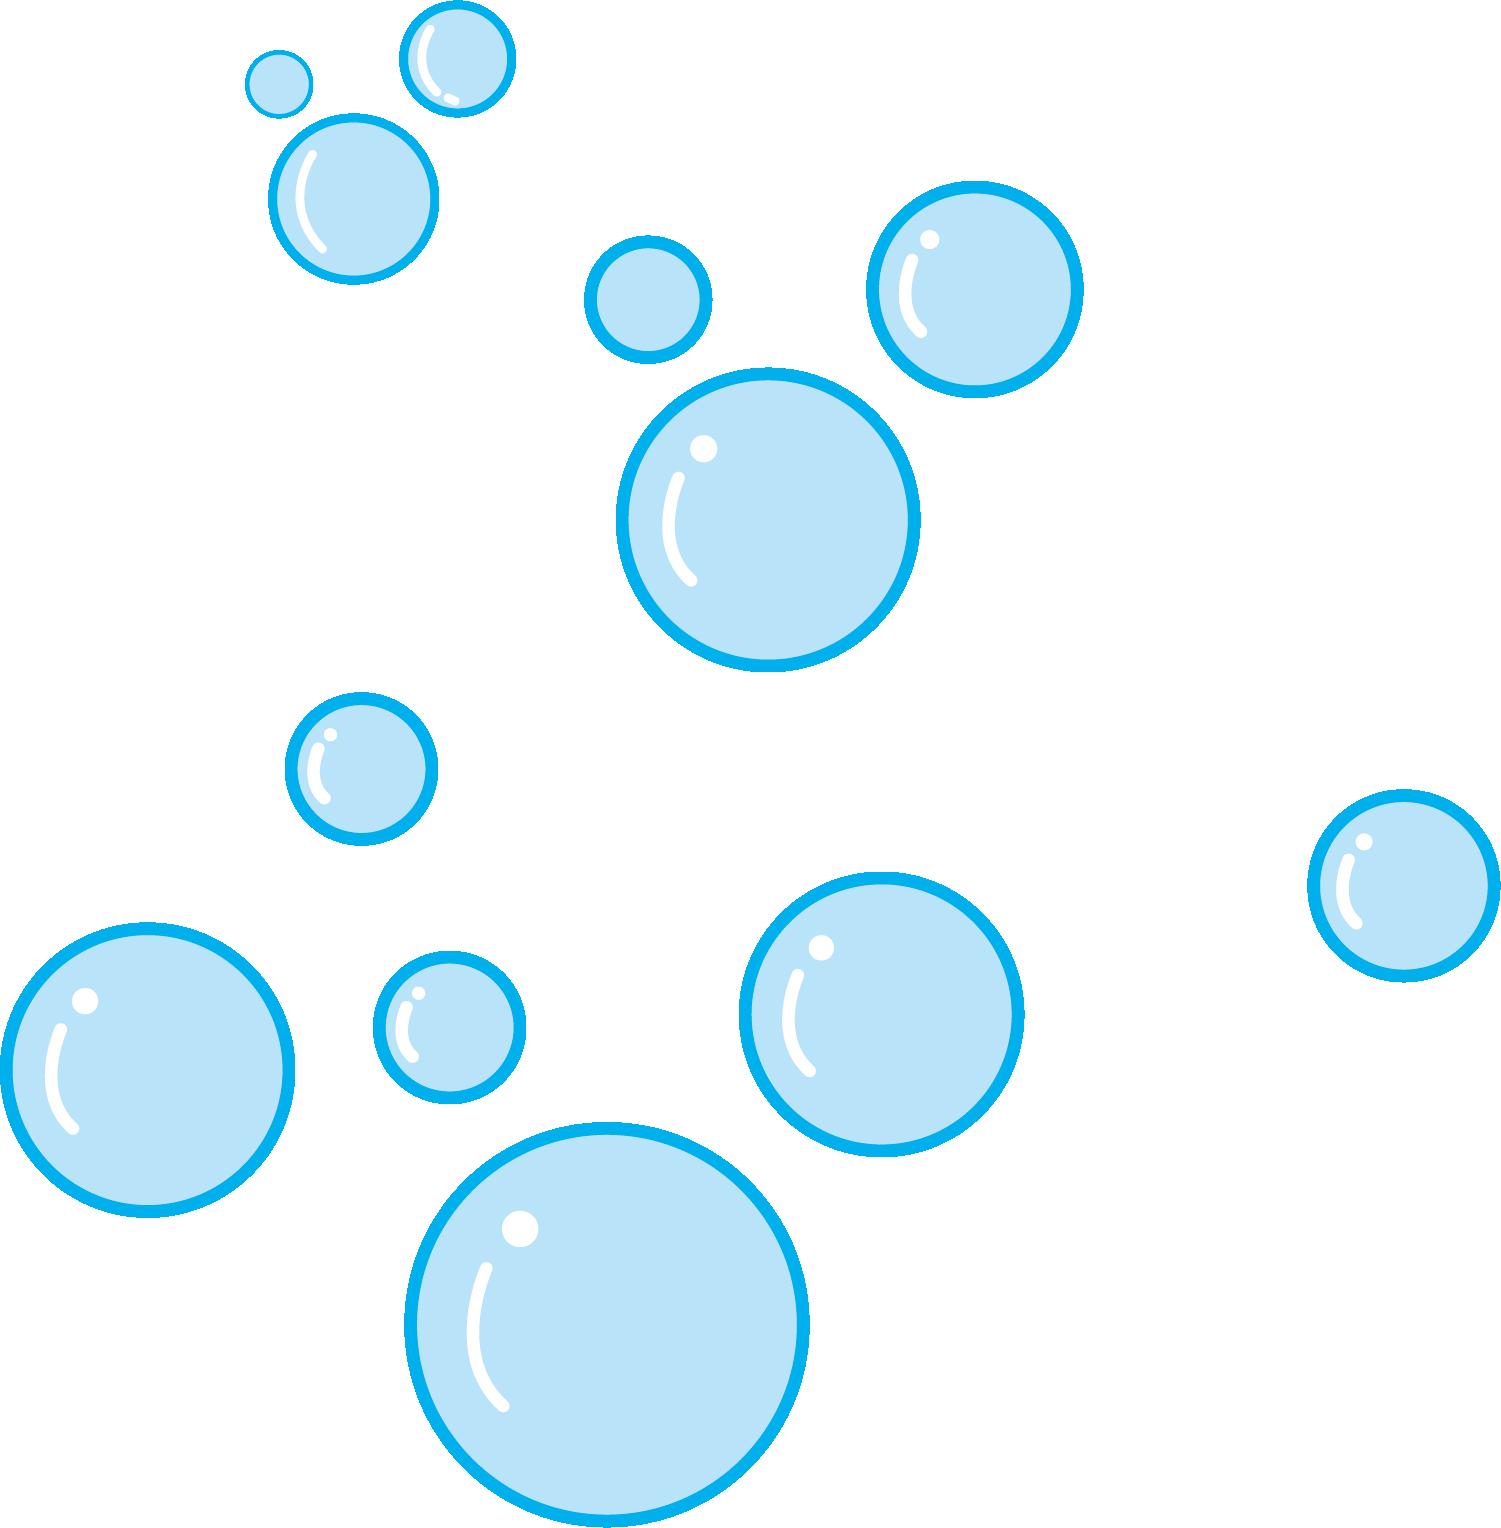 Bubble Png Transparent Background Water Bubble Png Images Vectors Free Download Pngtree Bubble Drawing Bubbles Transparent Background